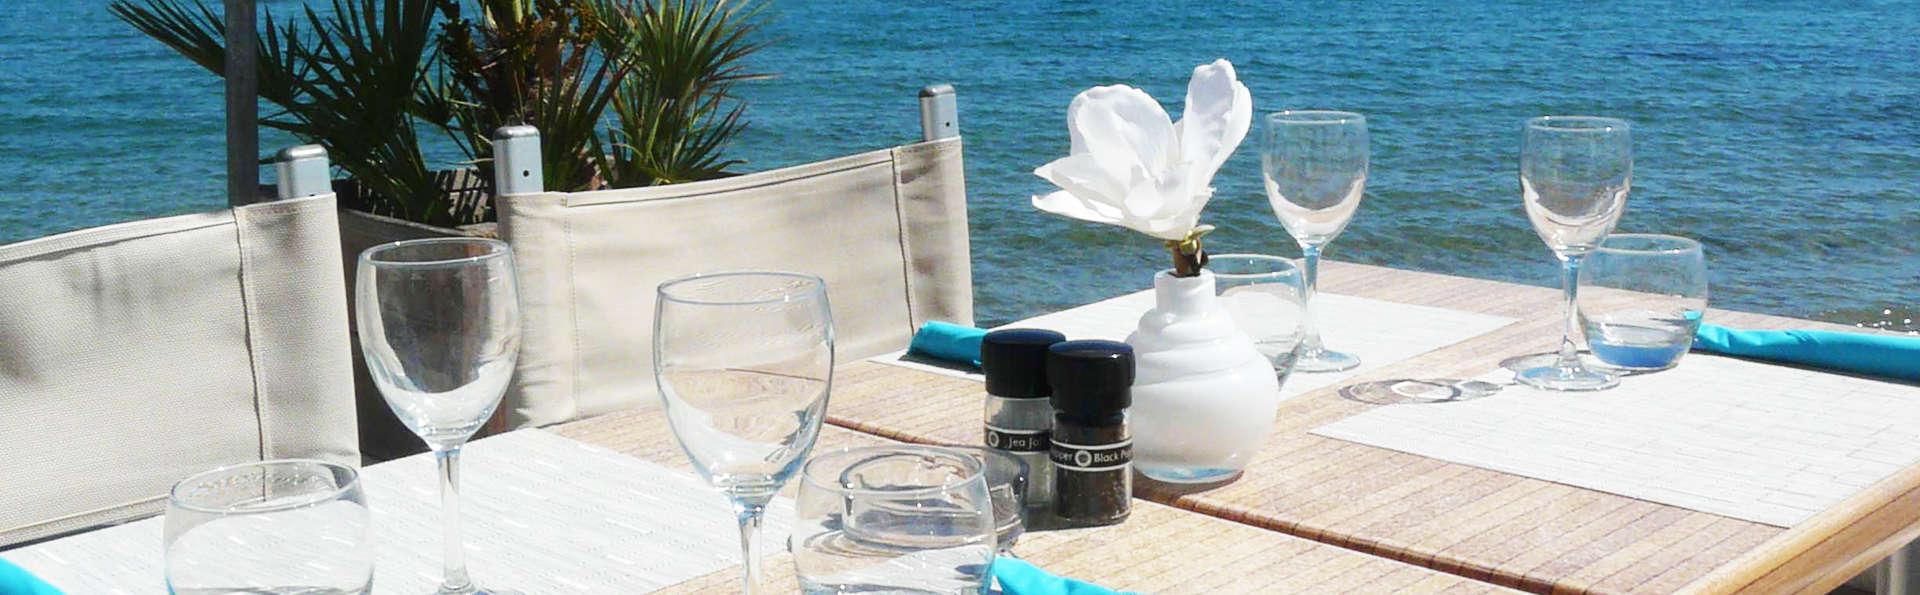 Farniente et saveurs de la Méditerranée près de Saint-Raphaël